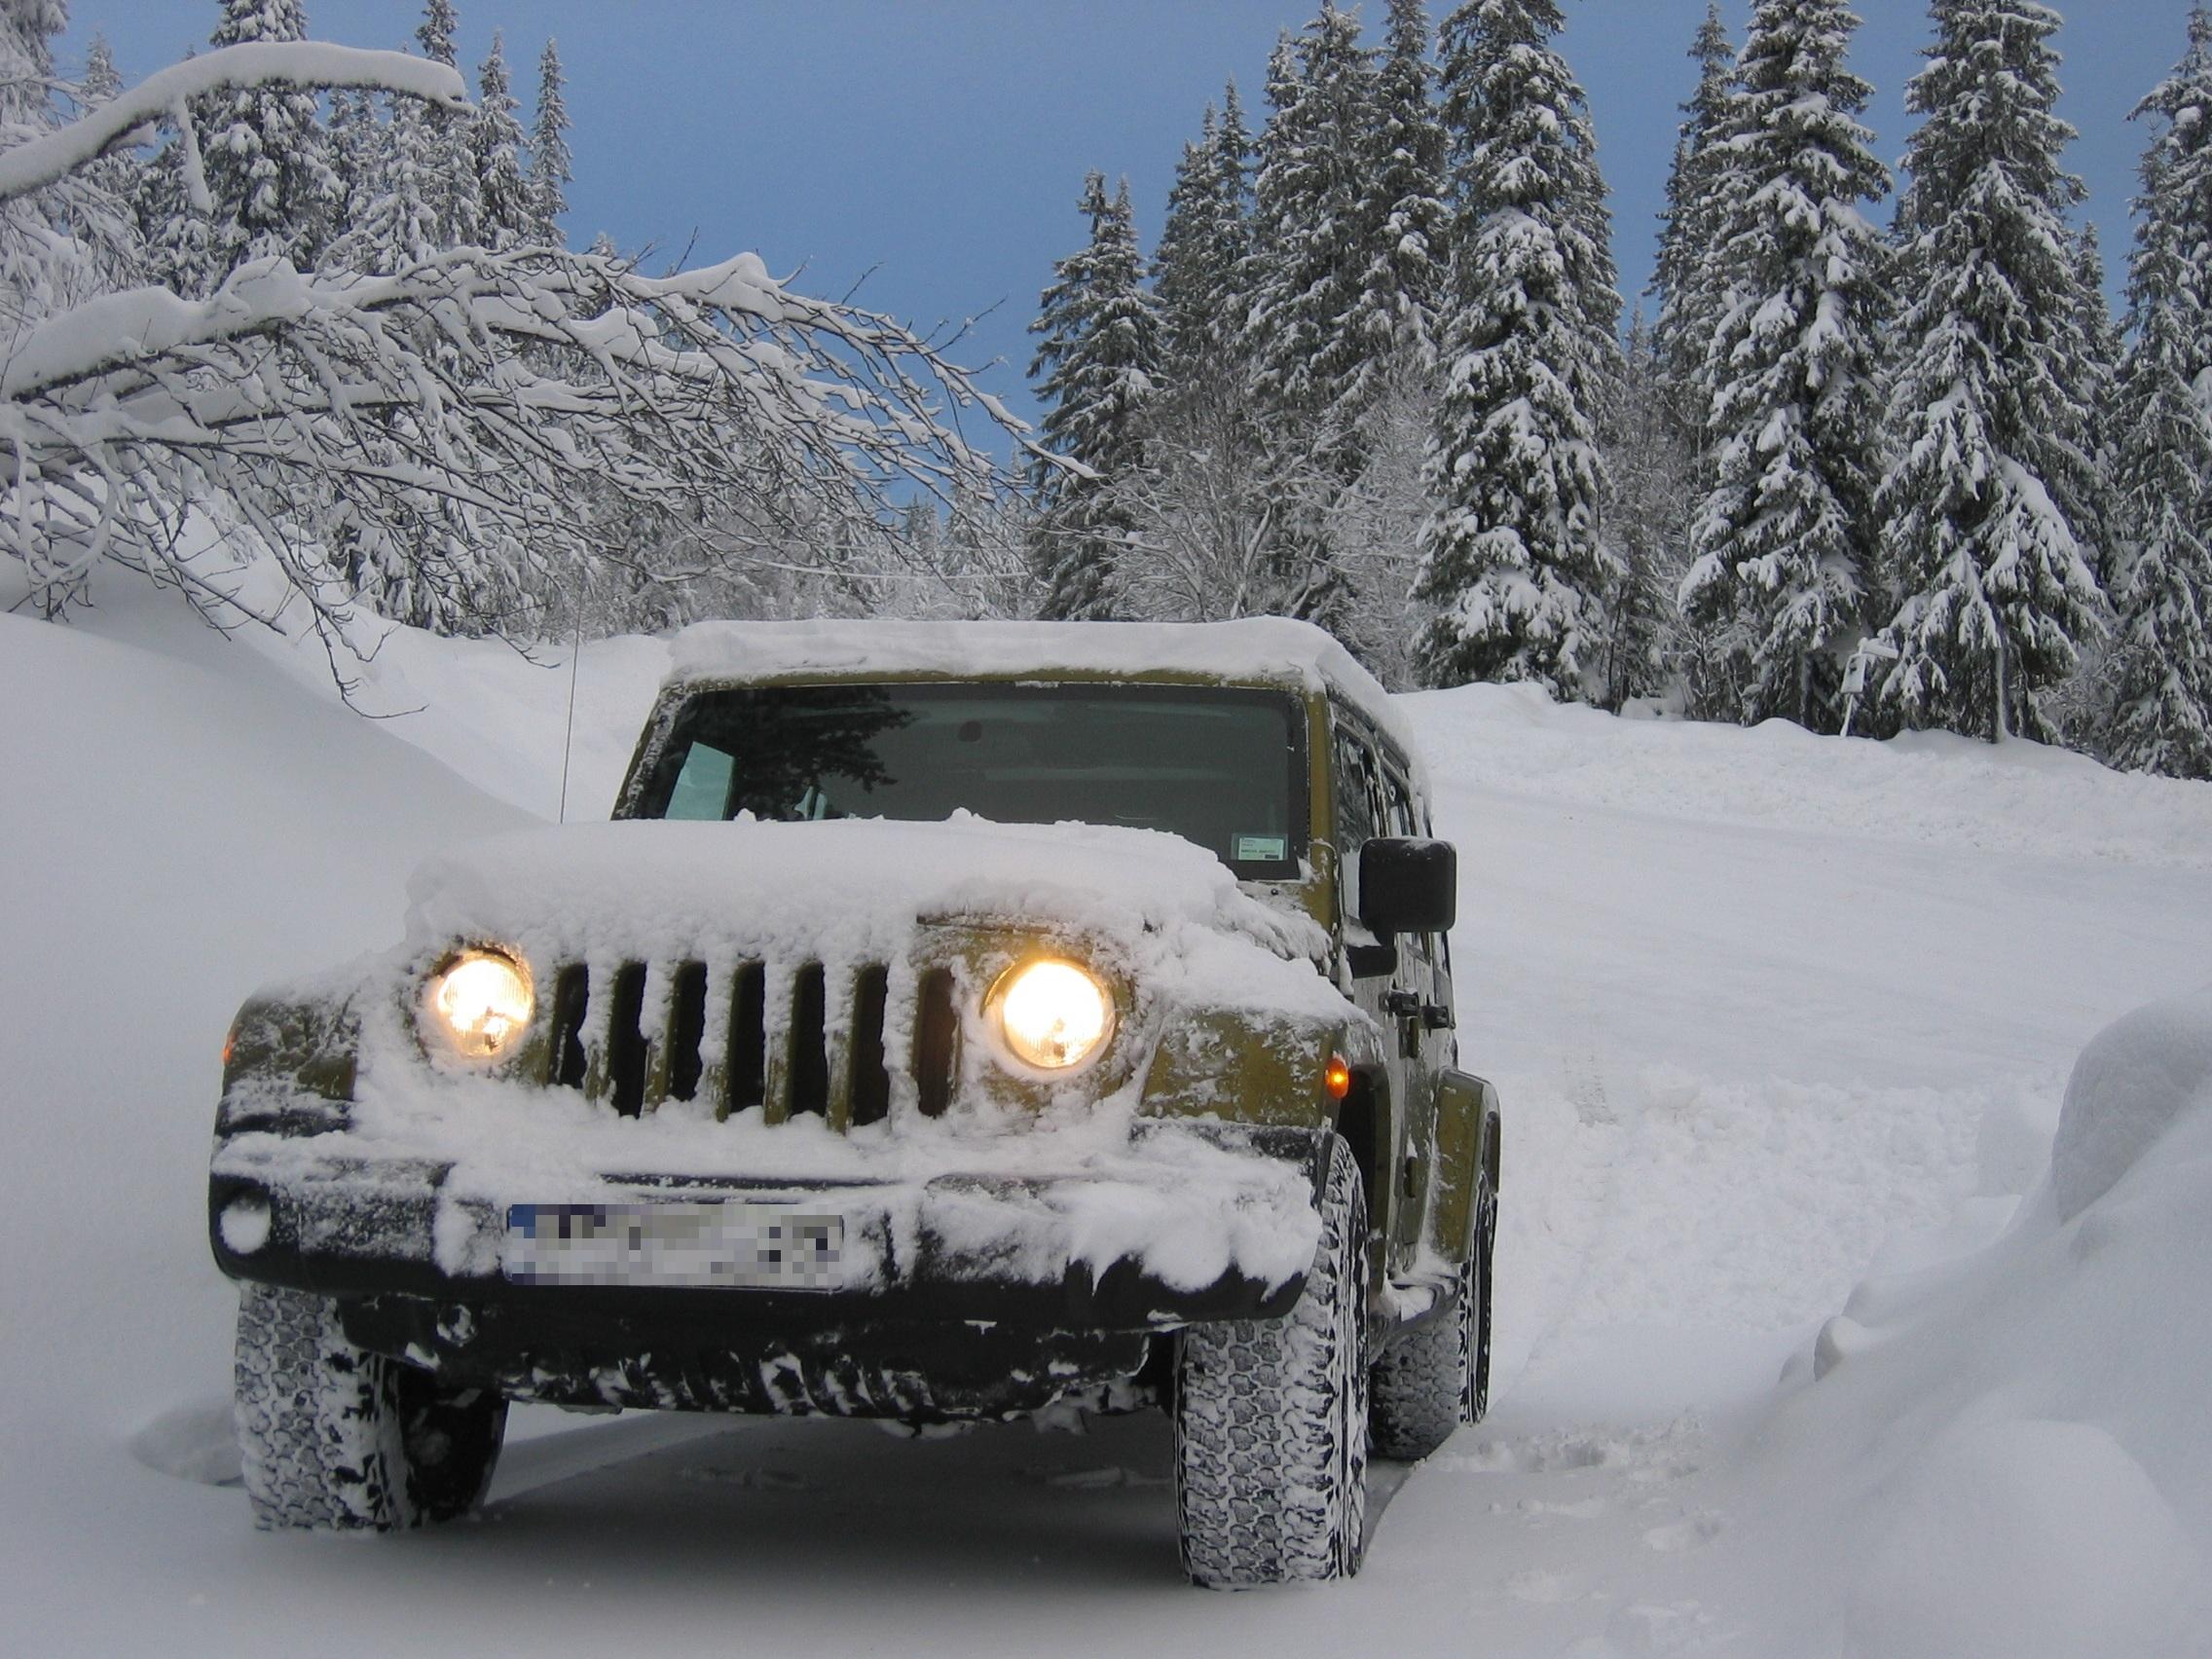 Odborné kurzy řízení v zimním období na ledu a sněhu